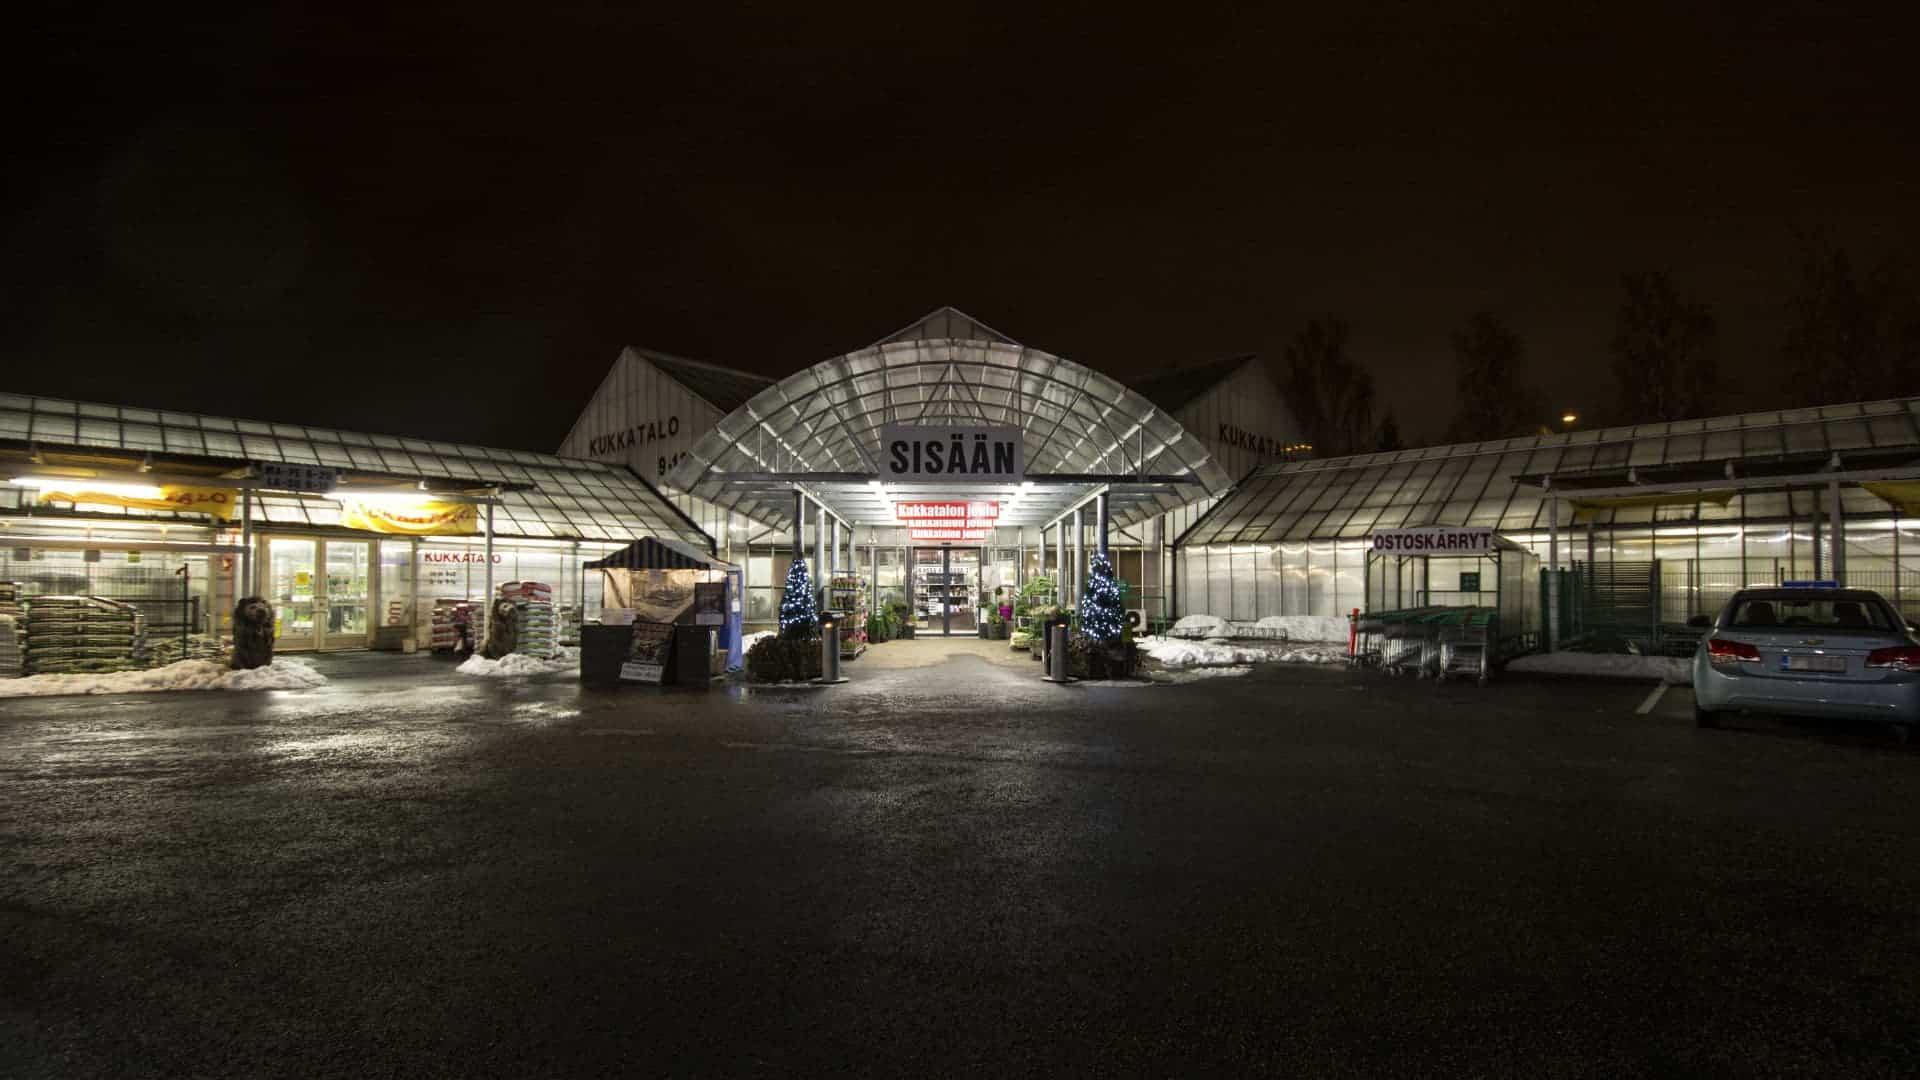 Pirilän Kukkatalo Helsinki